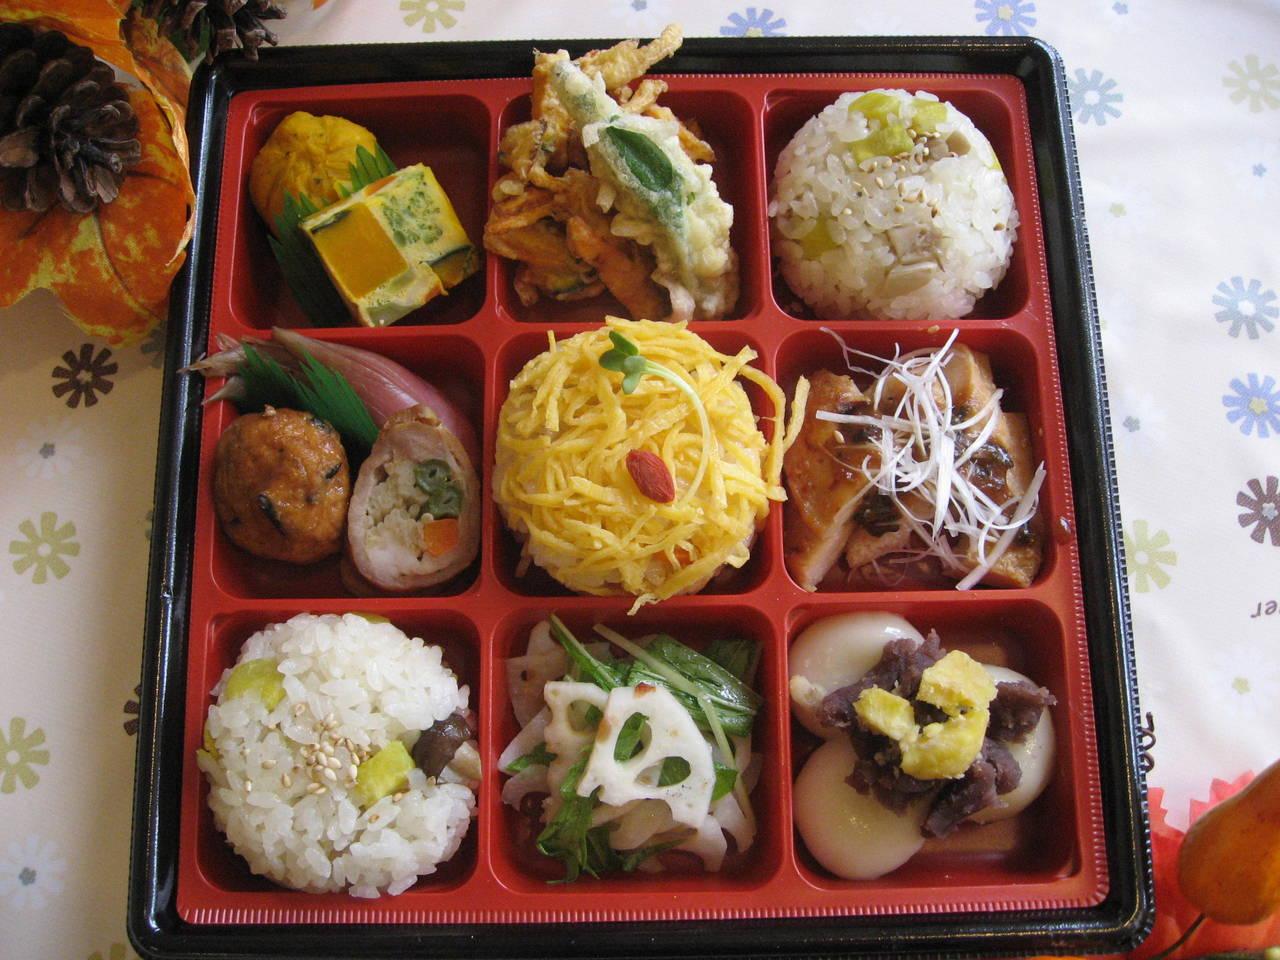 手作り惣菜屋 COME COME KEME